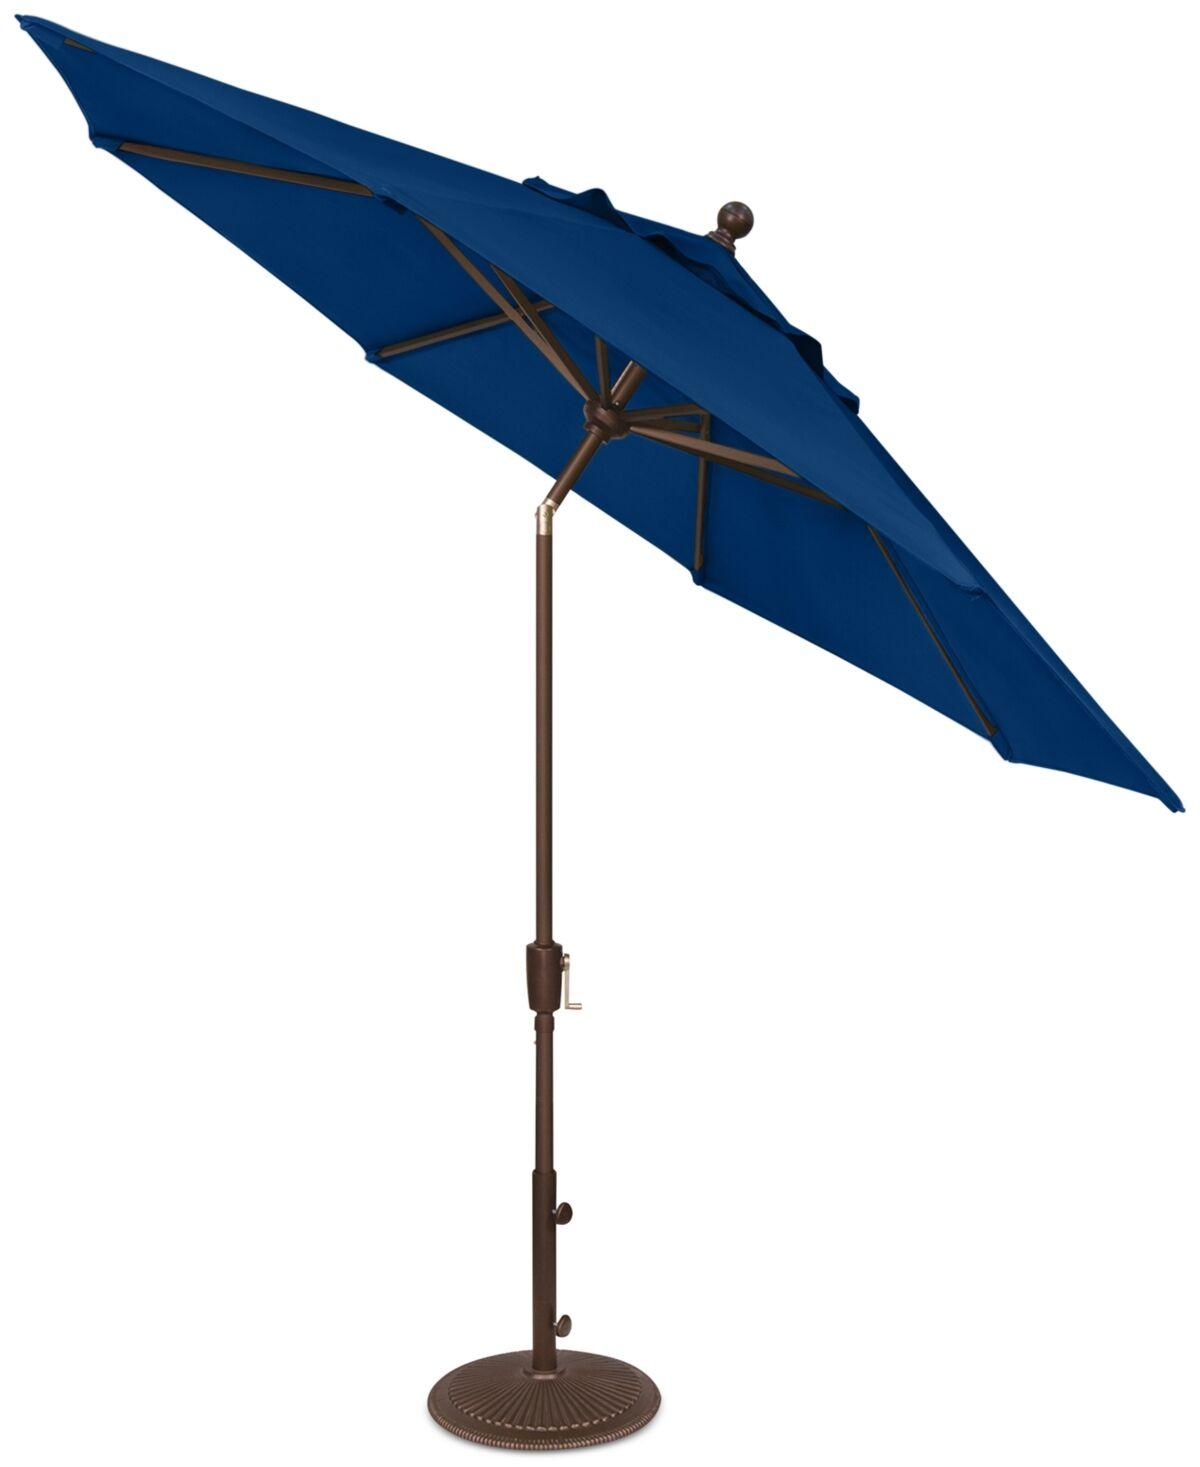 Treasure Garden Outdoor Bronze 9' Push Button Tilt Umbrella